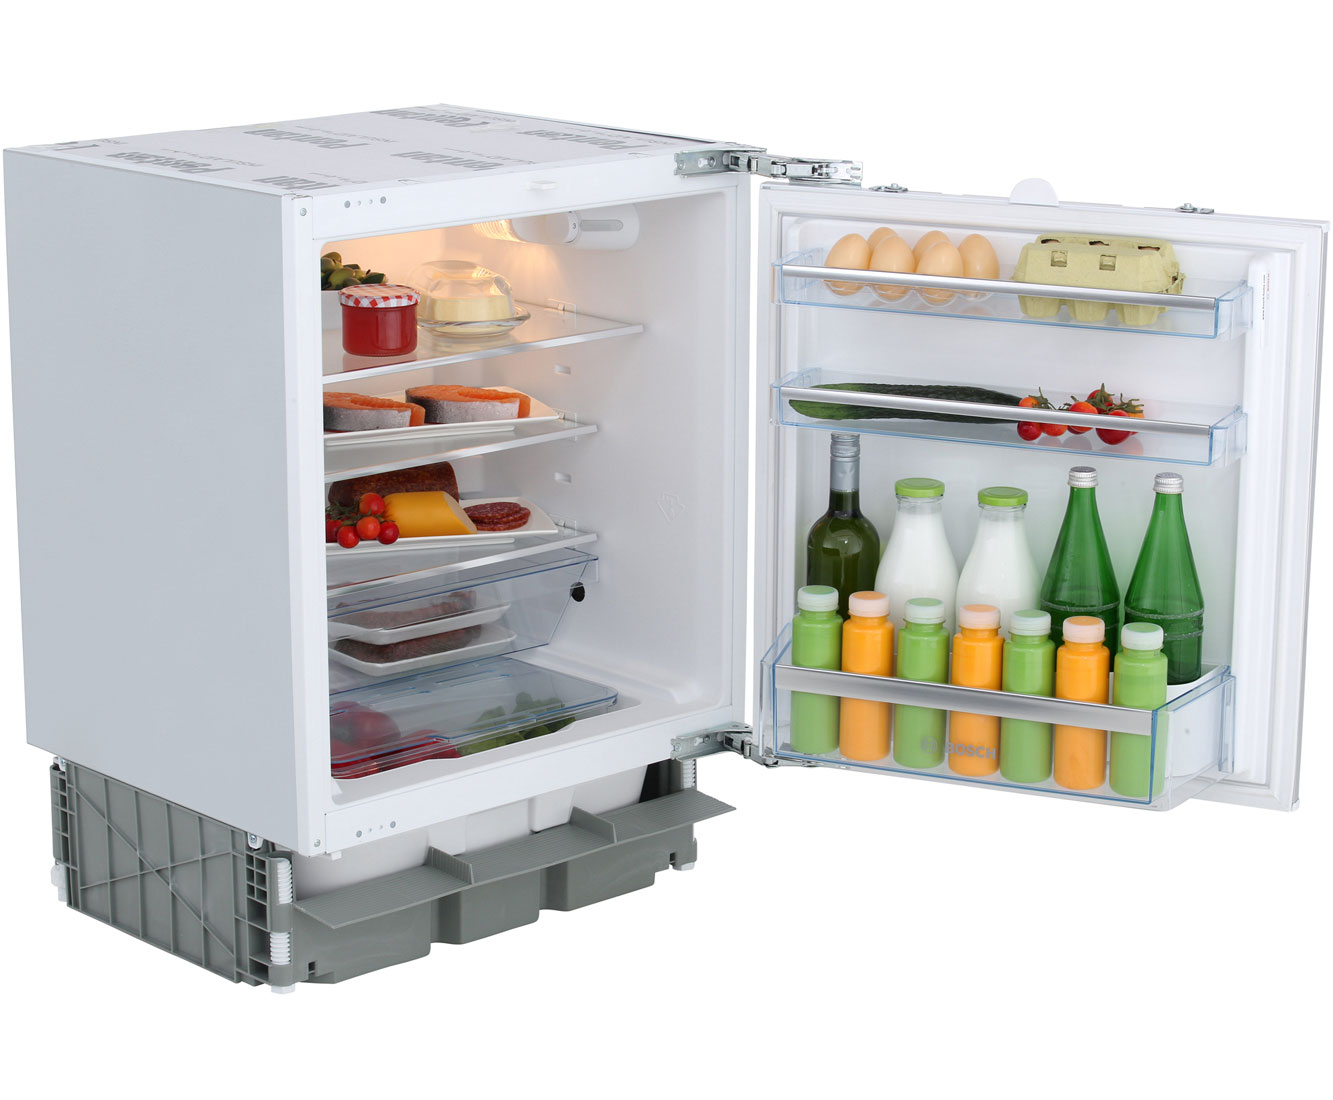 Mini Kühlschrank Bosch : Bosch serie kur a einbau kühlschrank er nische festtür